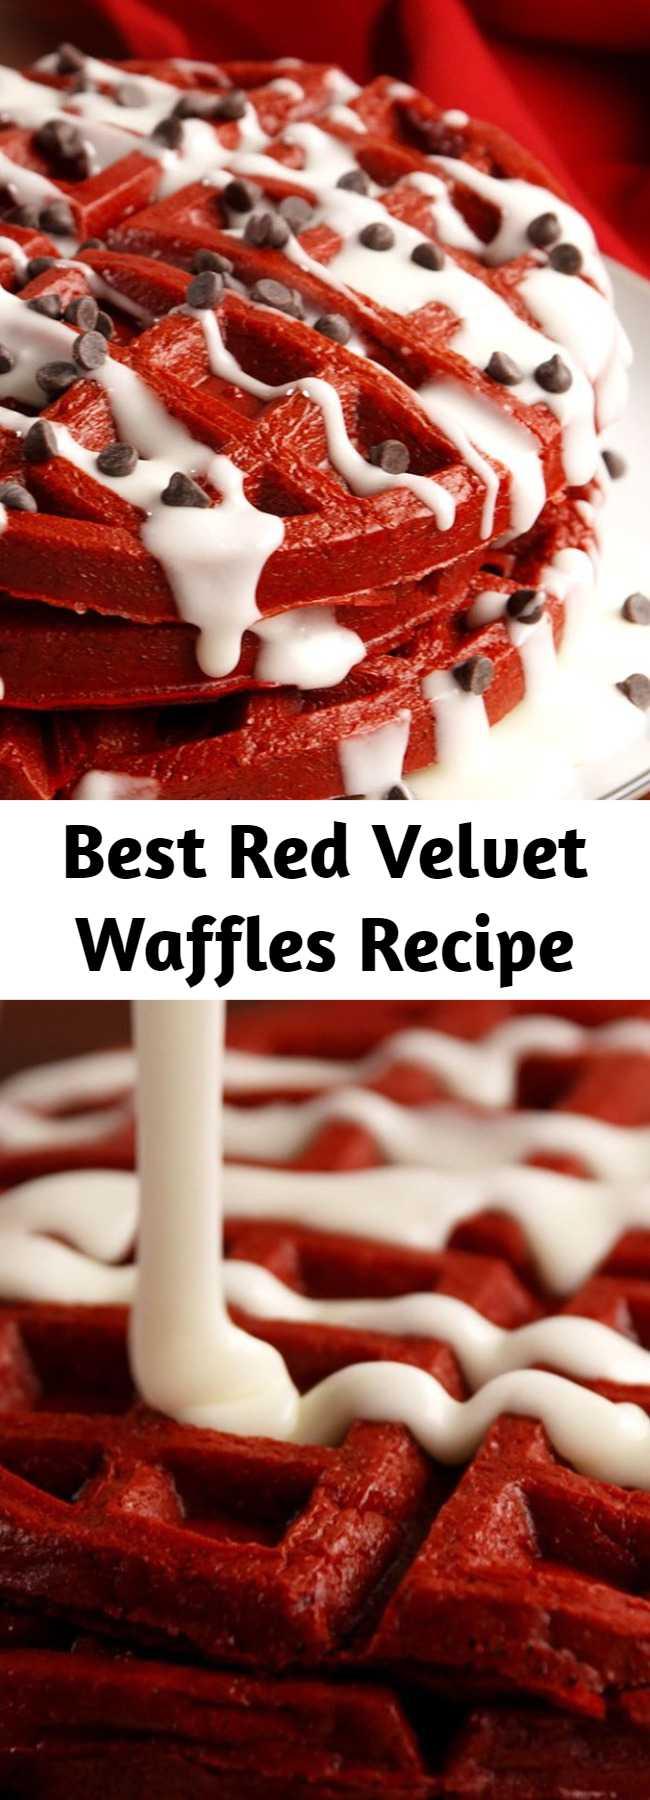 Best Red Velvet Waffles Recipe - Take your love for red velvet to the next level.